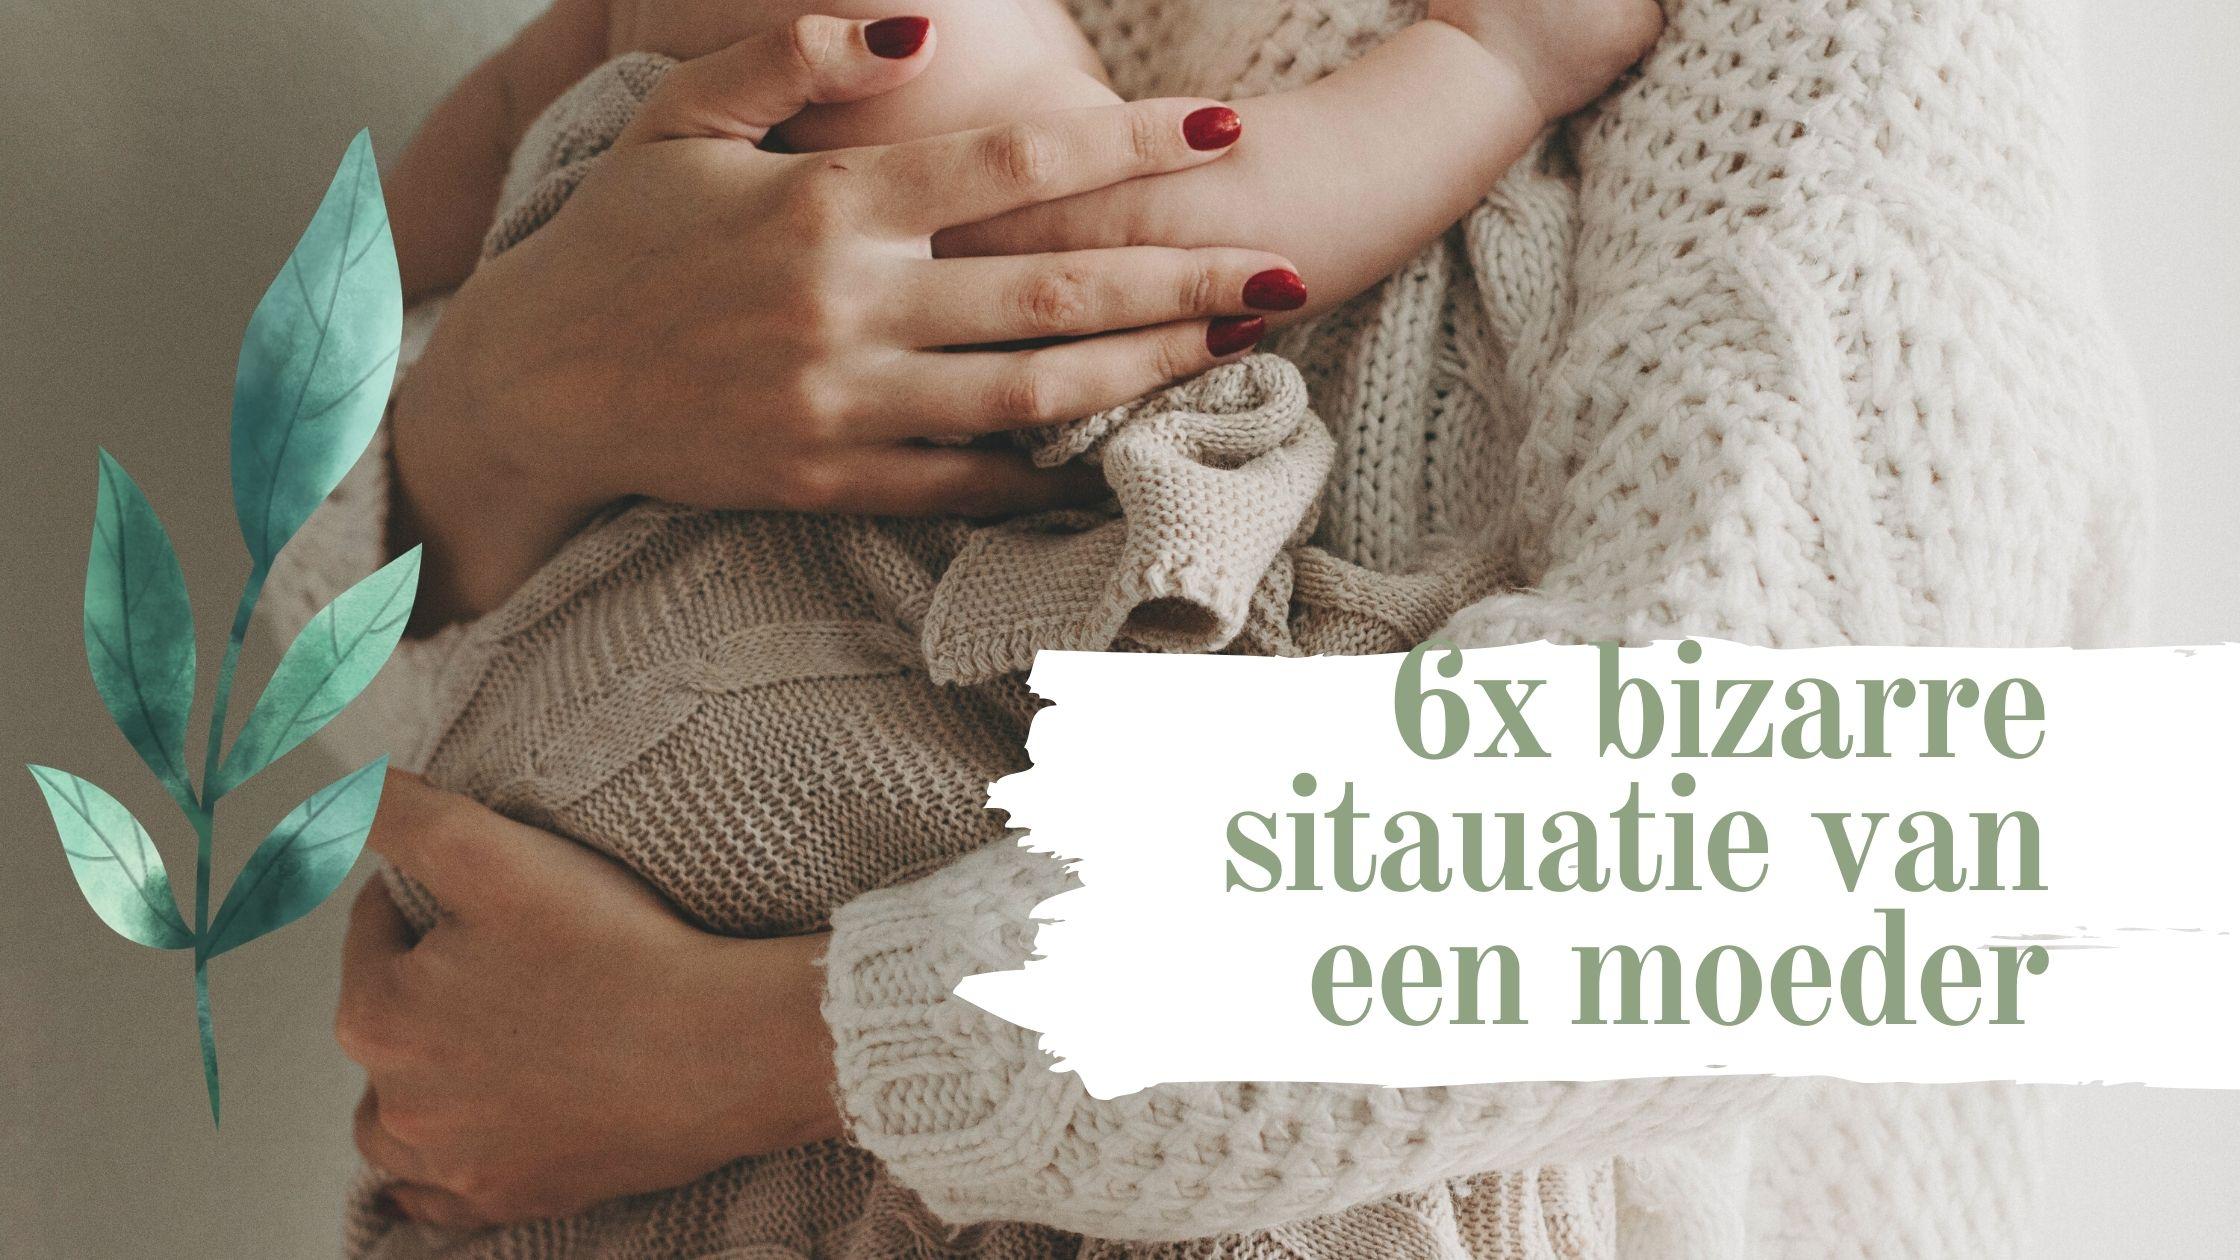 6x de meest bizarre situaties van een moeder